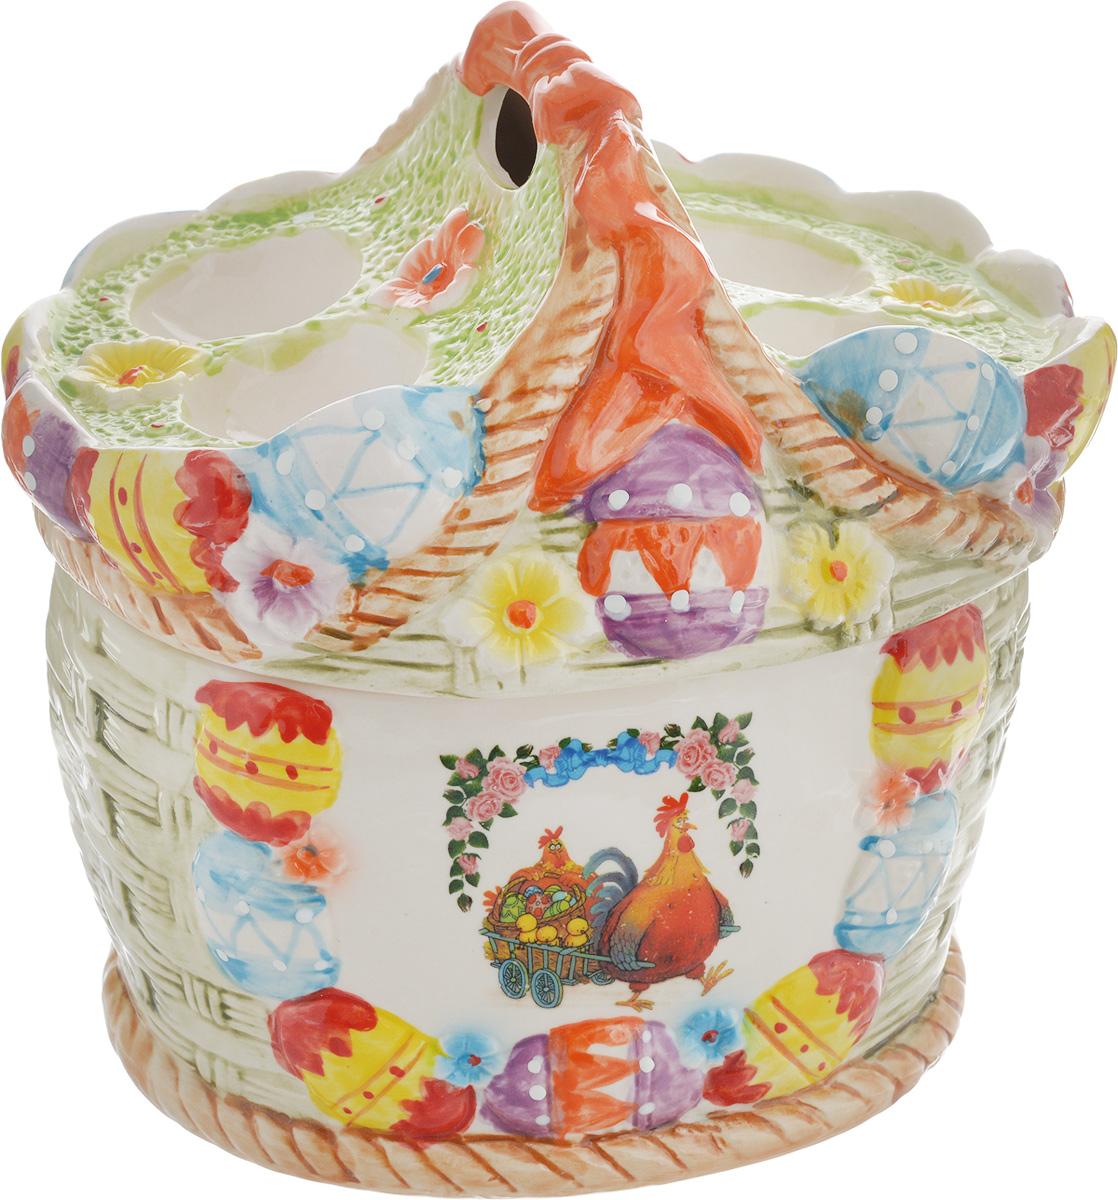 Ваза Win Max, для пасхальных яиц и угощений, 20 х 22 х 18 см115510Ваза Win Max изготовлена из высококачественной керамики с глазурованным покрытием и оформлена рельефным рисунком. Изделие дополнено крышкой, на которой расположены подставки для яиц. Крышка дополнена ручкой. Оригинальный дизайн украсит интерьер вашей кухни, а функциональность порадует любую хозяйку. Размеры емкости (без учета крышки): 19 х 16 х 11 смВысота крышки: 11 см